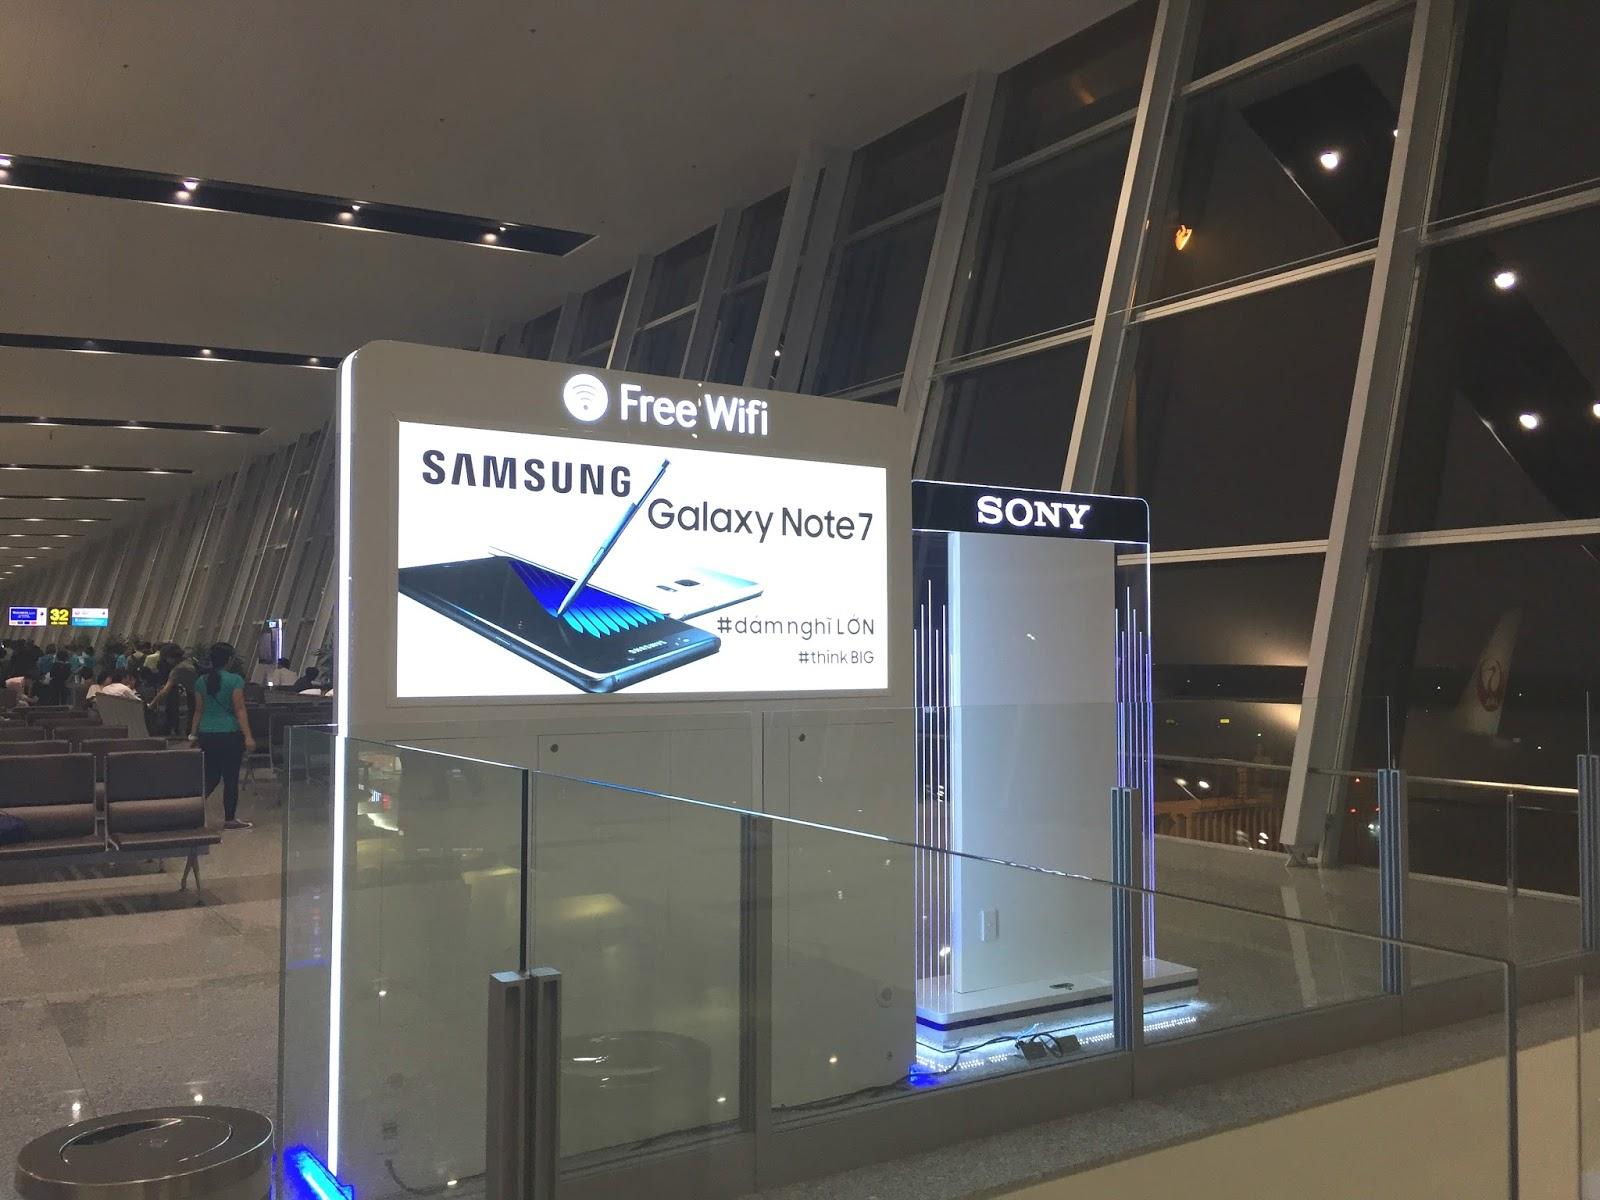 サムスンギャラクシーノート7広告 SAMSUNG Galaxy Note7 AD